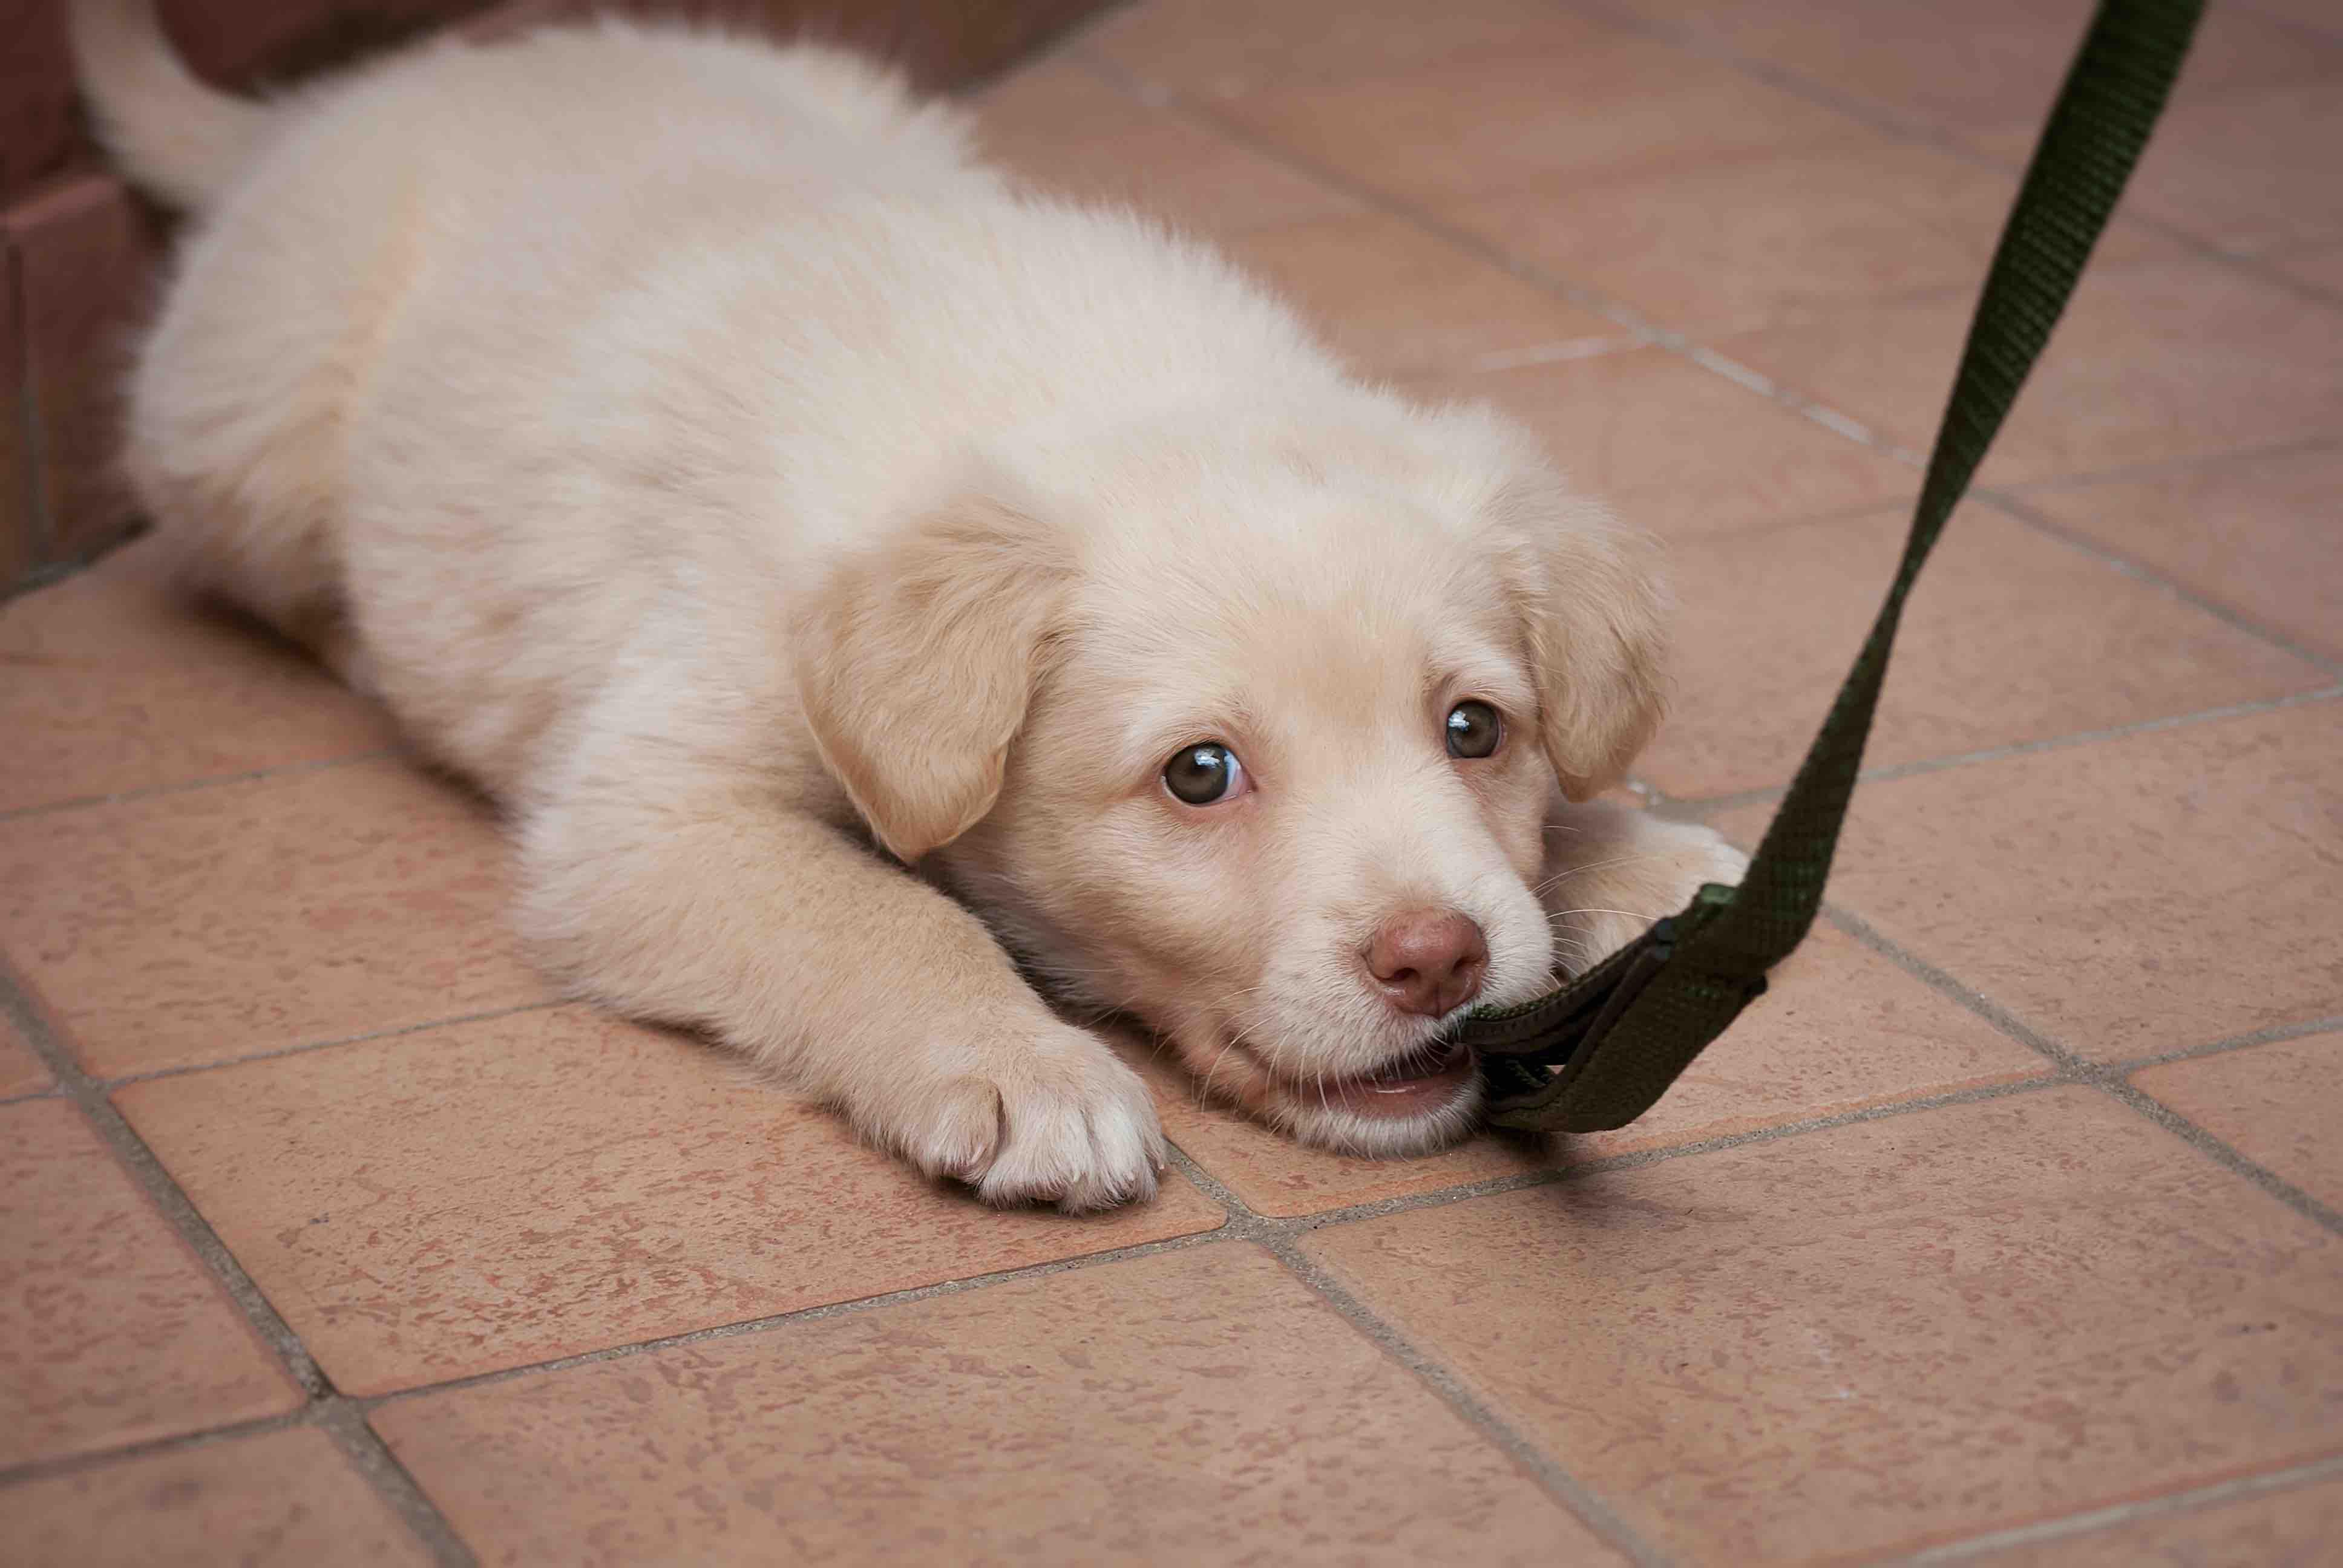 犬が甘えるときの10の仕草 甘える理由や犬の気持ち サインも